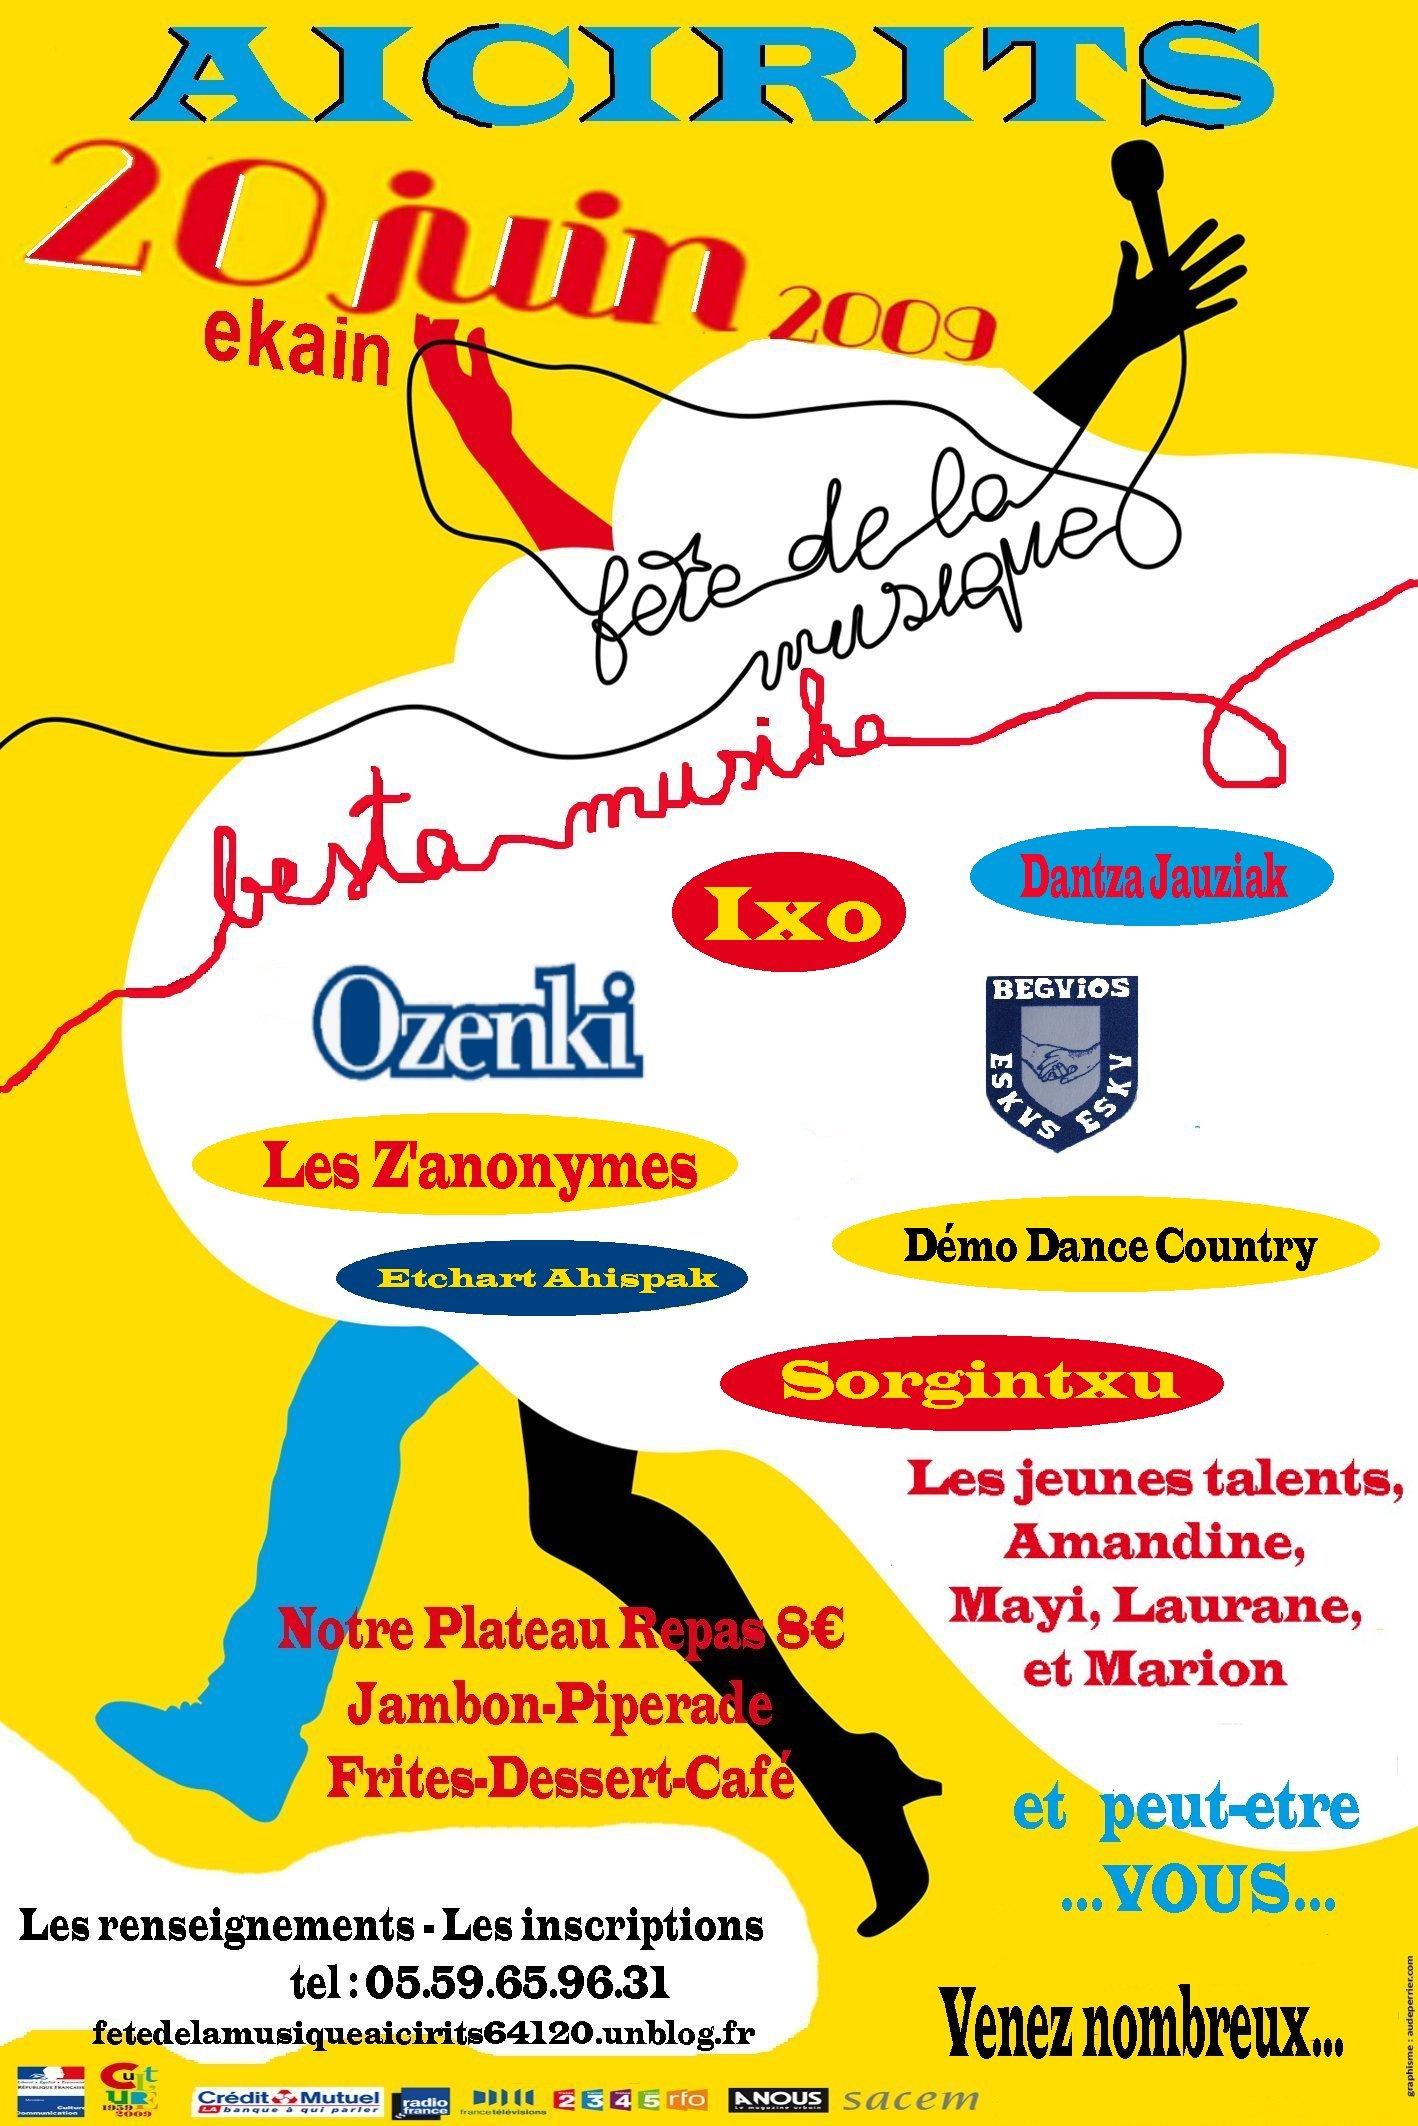 affiche fete musique 2009 aicirits